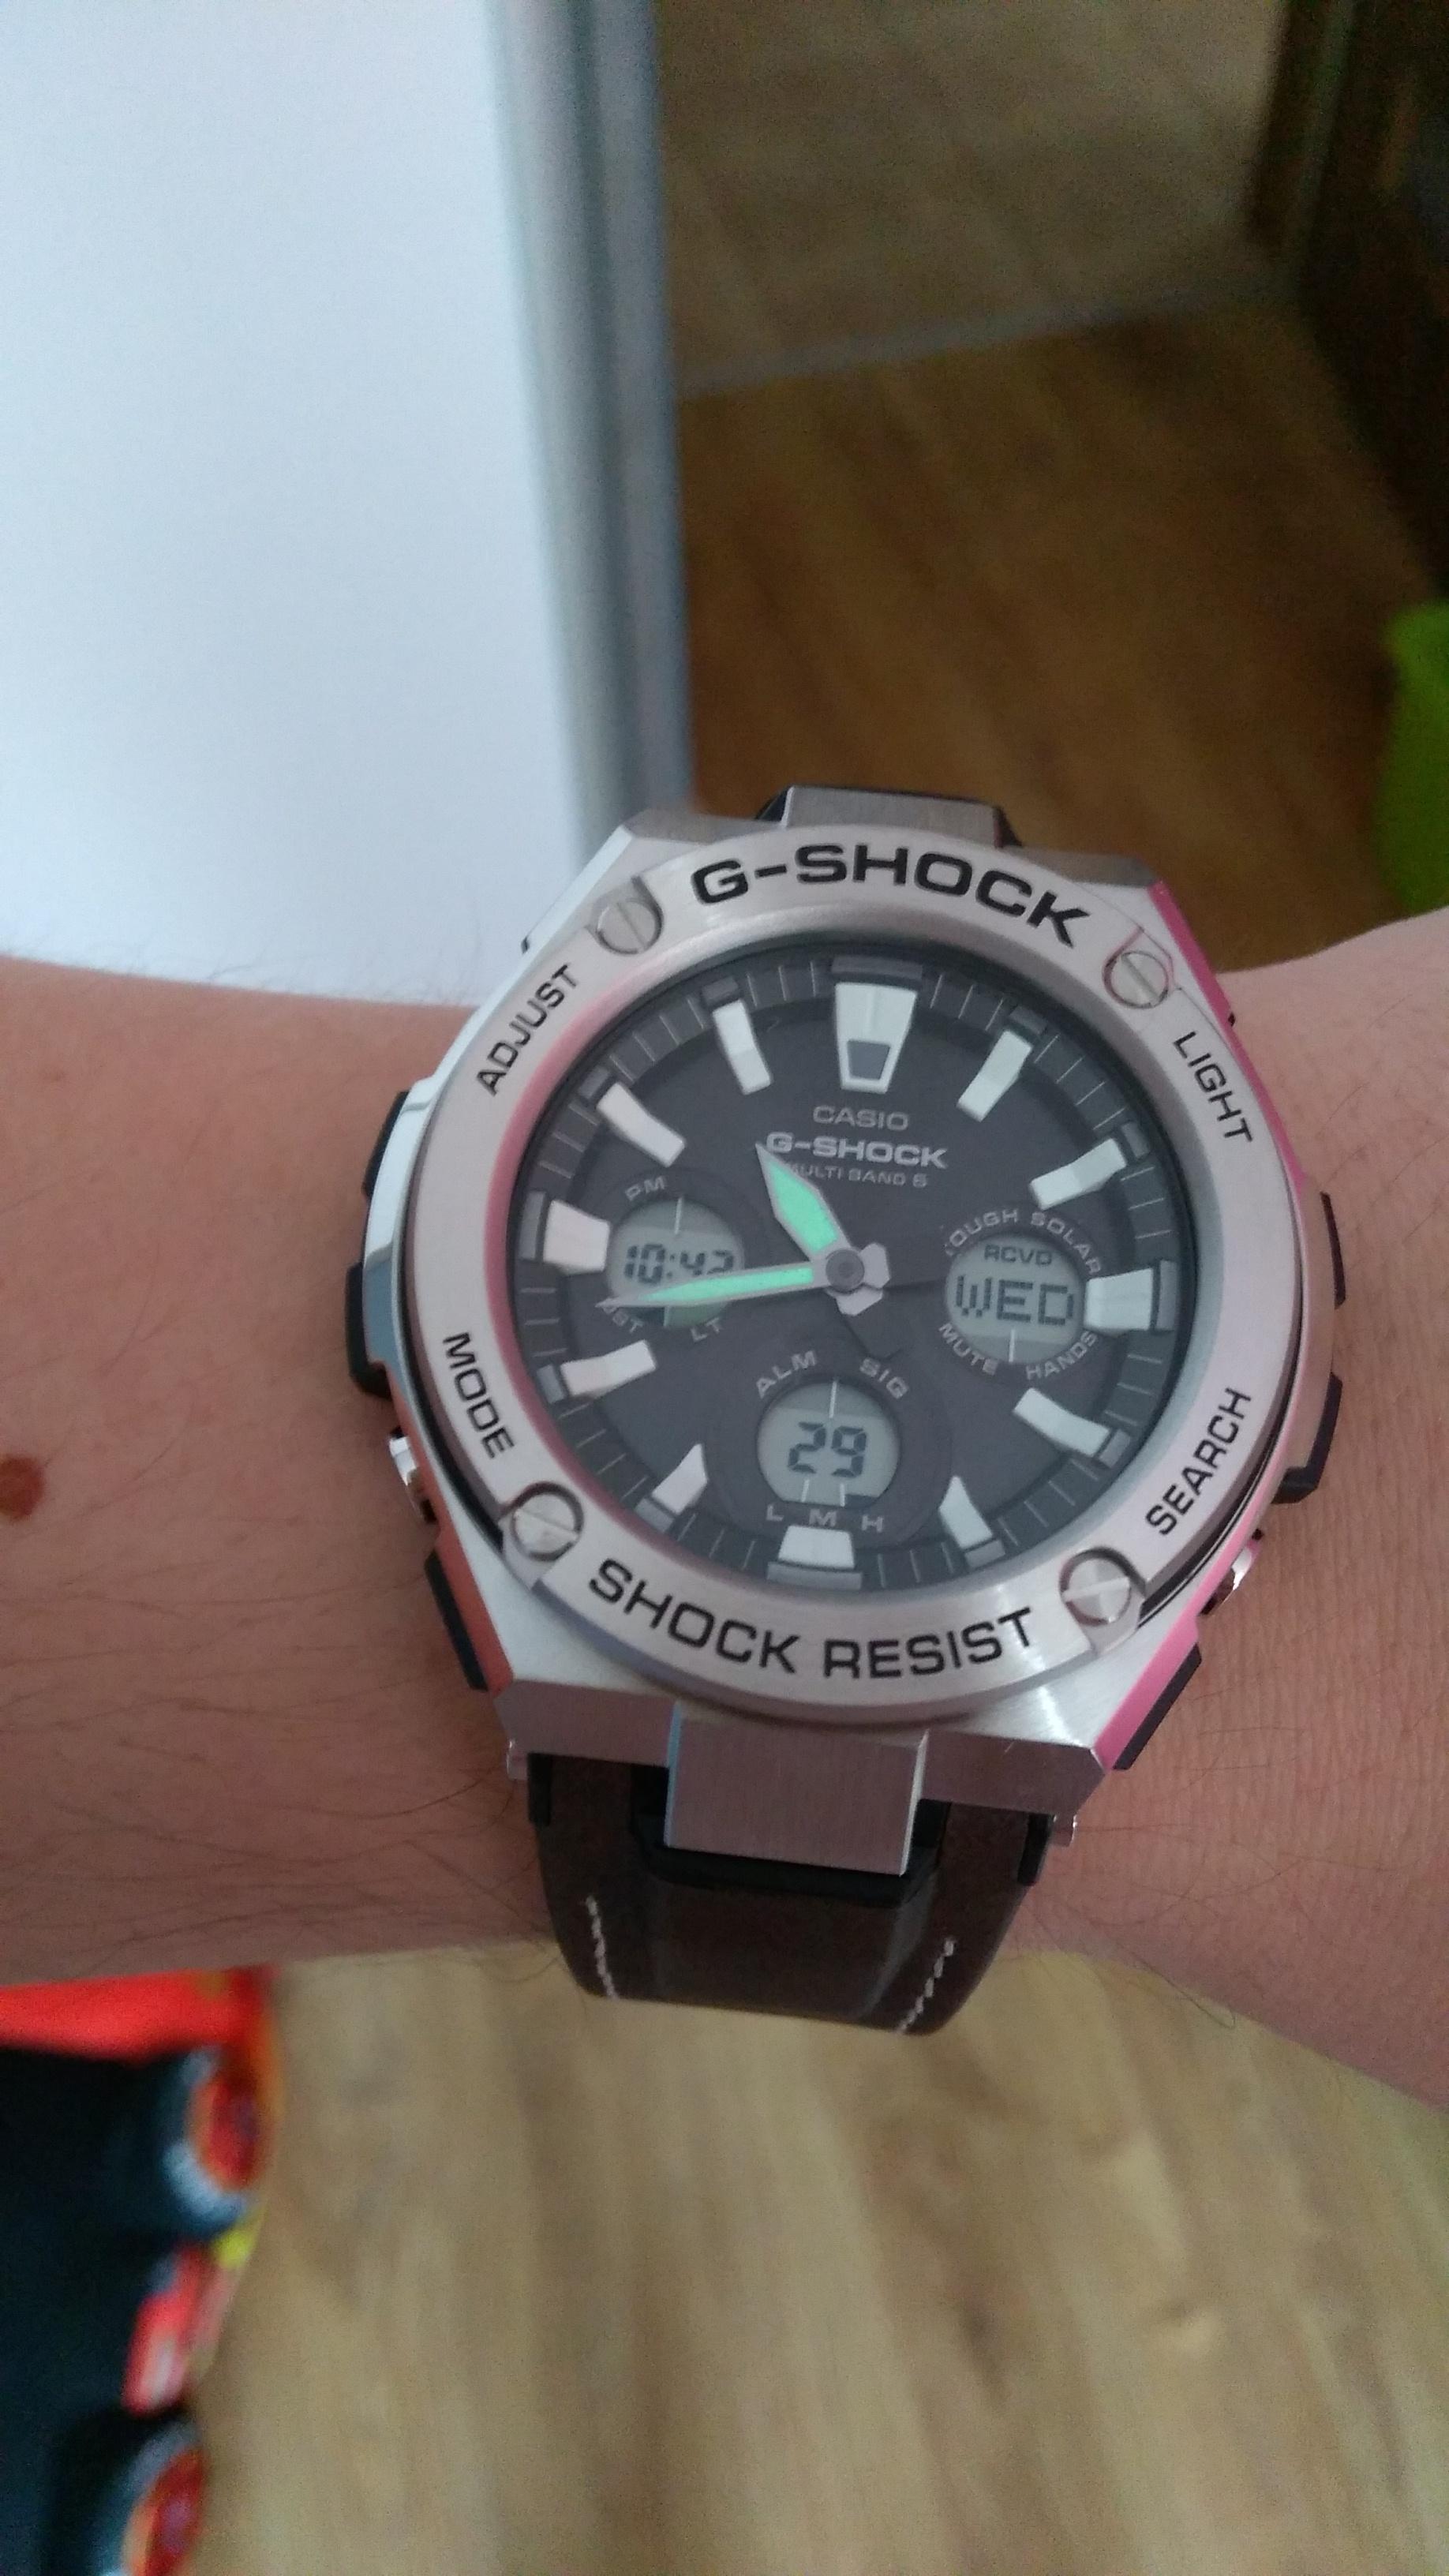 abd824a58 Zegarek rewelacyjny, ale ogromny plus za pasem, który jest jak dla mnie  najlepszy ze wszystkich G-SHOCK, które posiadam. Warto też wspomnieć o  podświetleniu ...